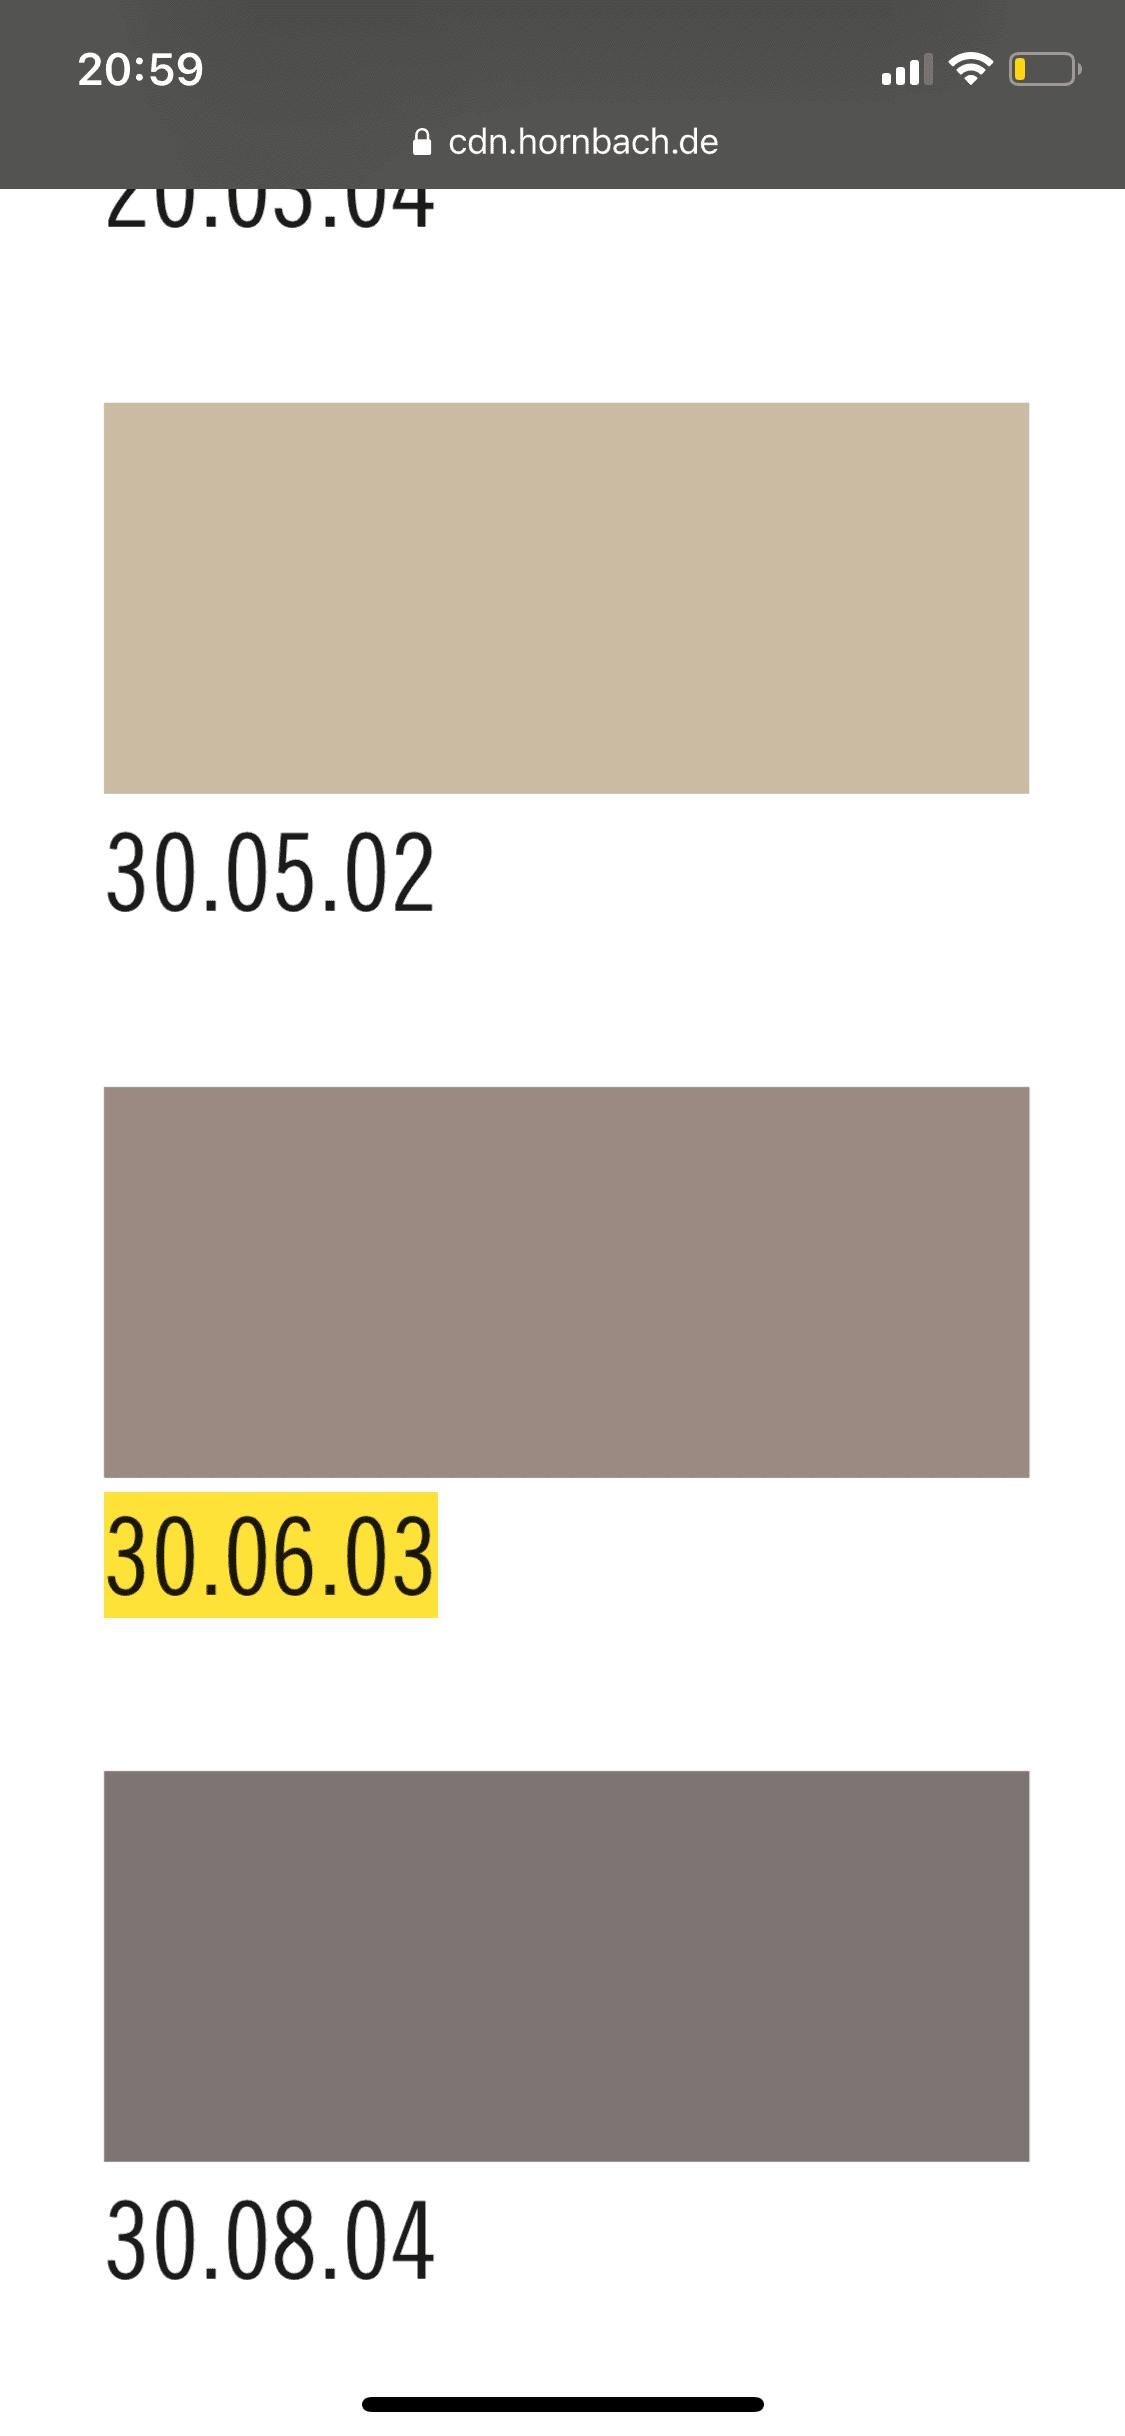 Hornbach Farbkarte, Farbcode 30.06.03 von unserem Flur